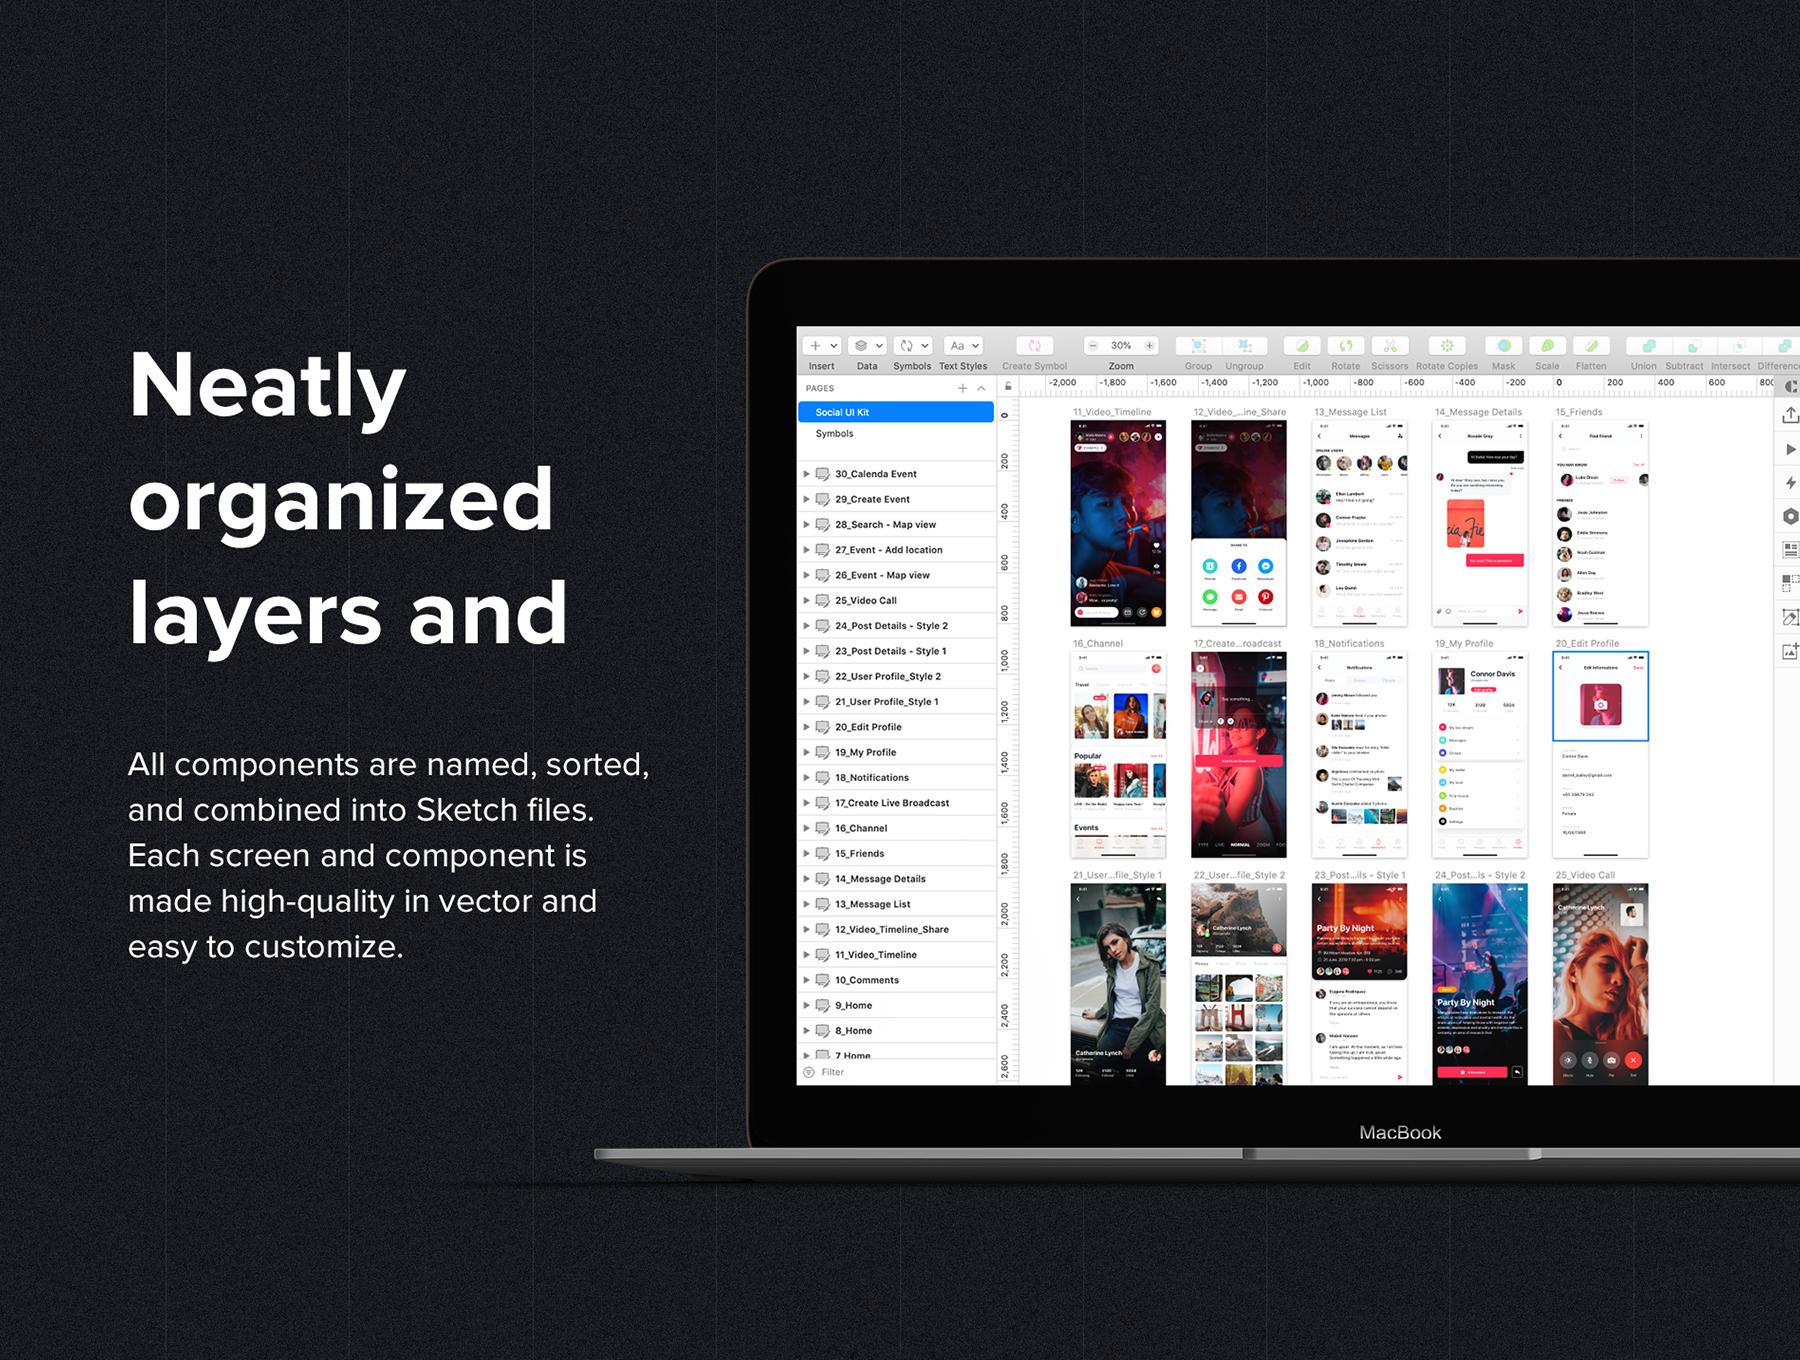 酷炫细腻的社交网站APP UI KIT套装模板下载 app设计 移动ui设计 iOS Ui[Sketch,fig,XD] Jazam - Social mobile app UI Kit